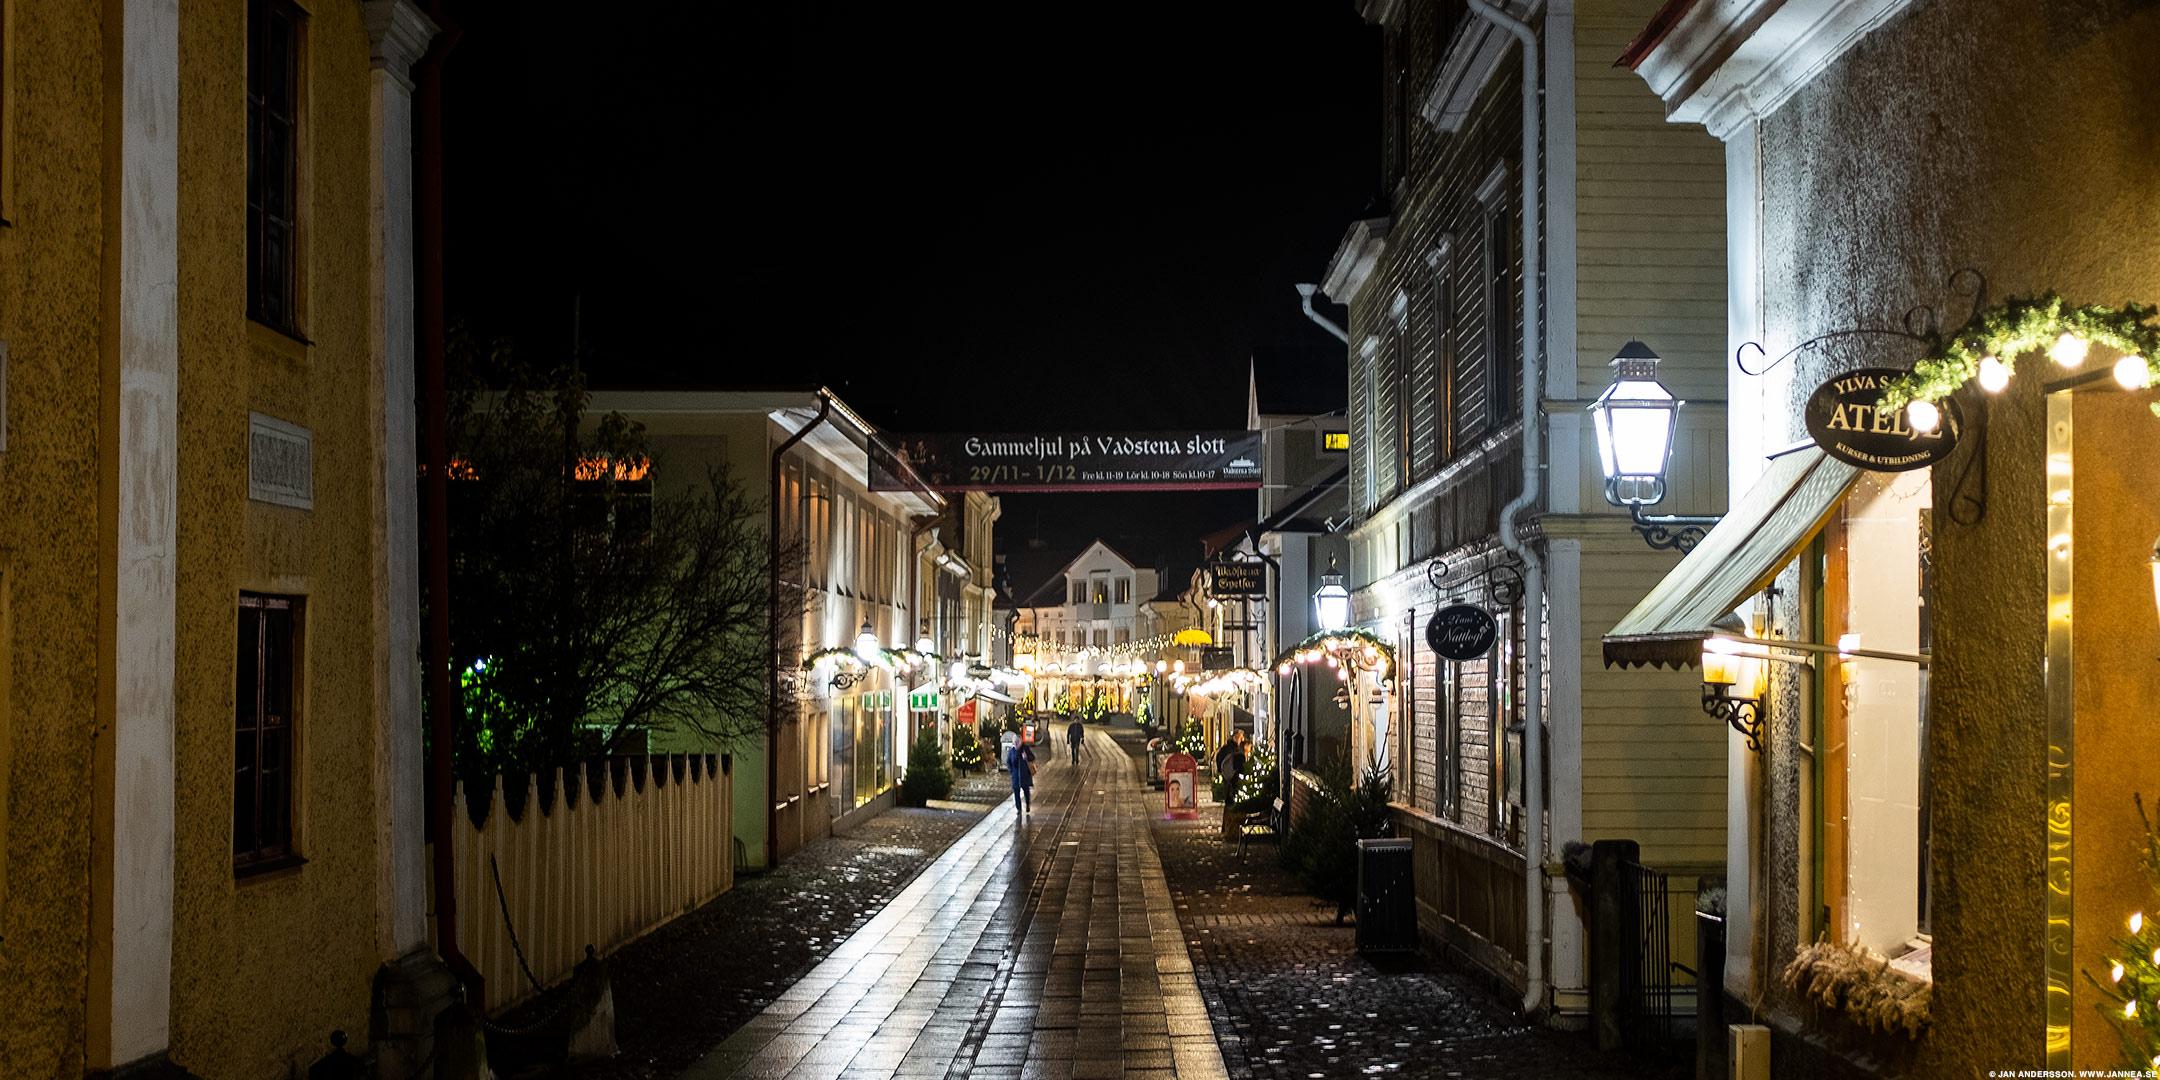 Nu tändas tusen juleljus |©.Jan Andersson